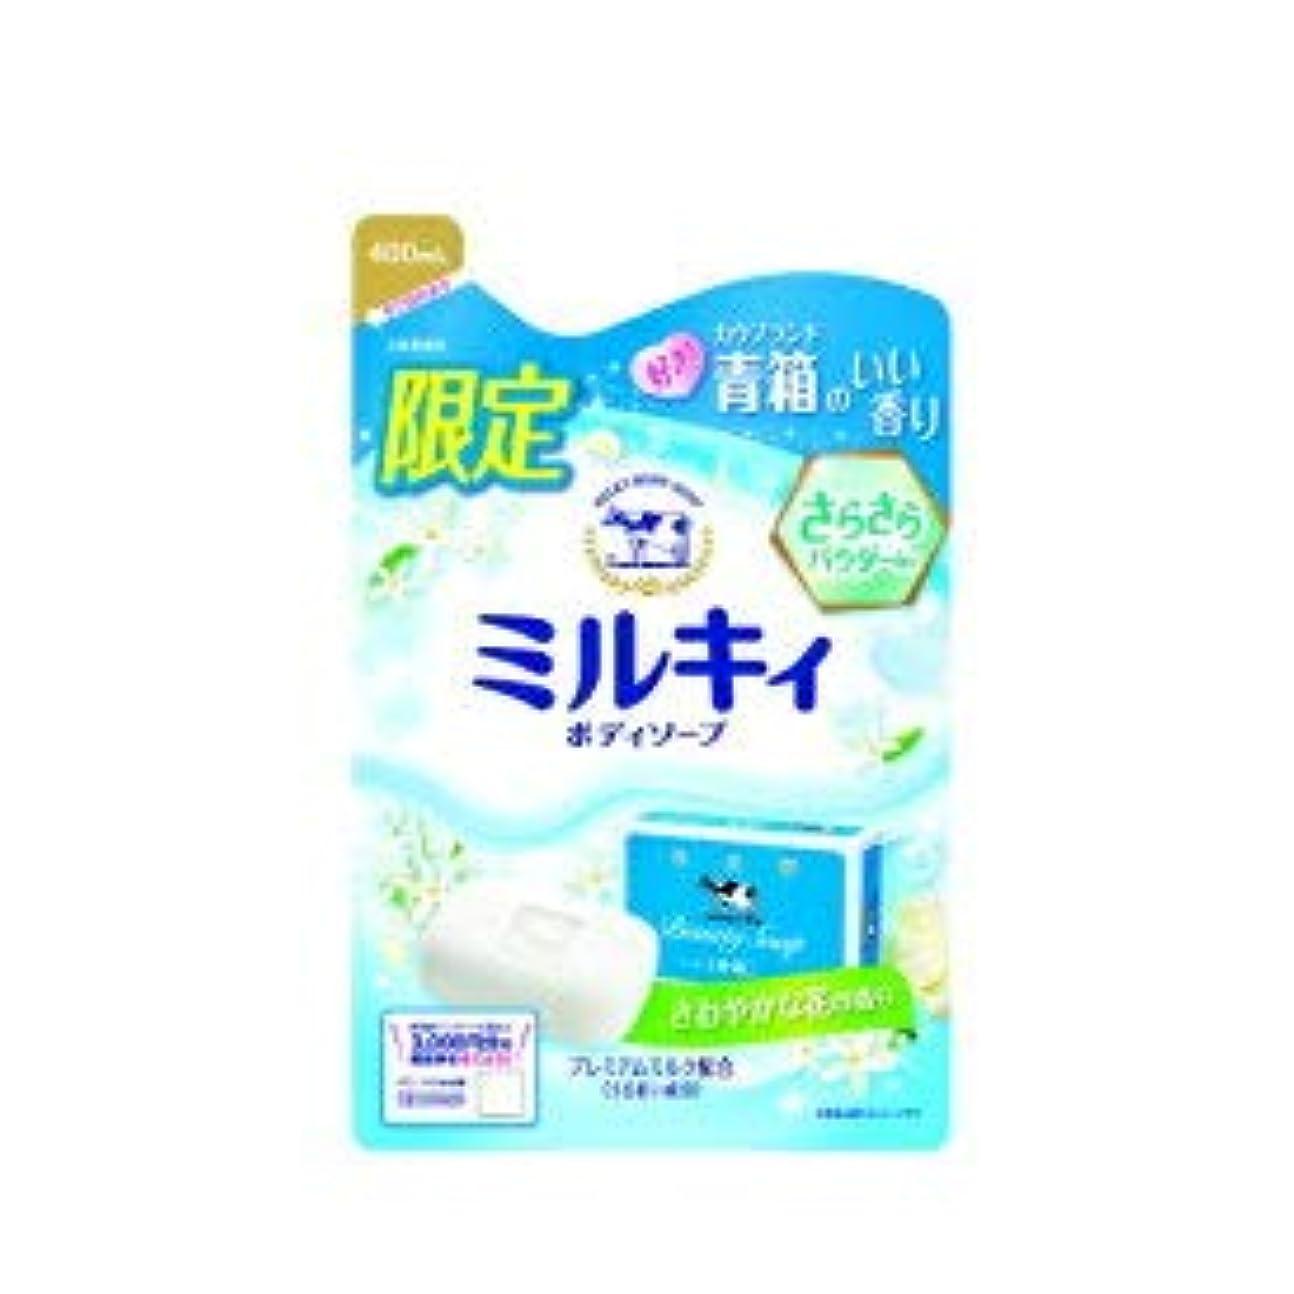 リクルート殺すスプレー【限定】ミルキィボディソープ 青箱の香り 詰替 400ml